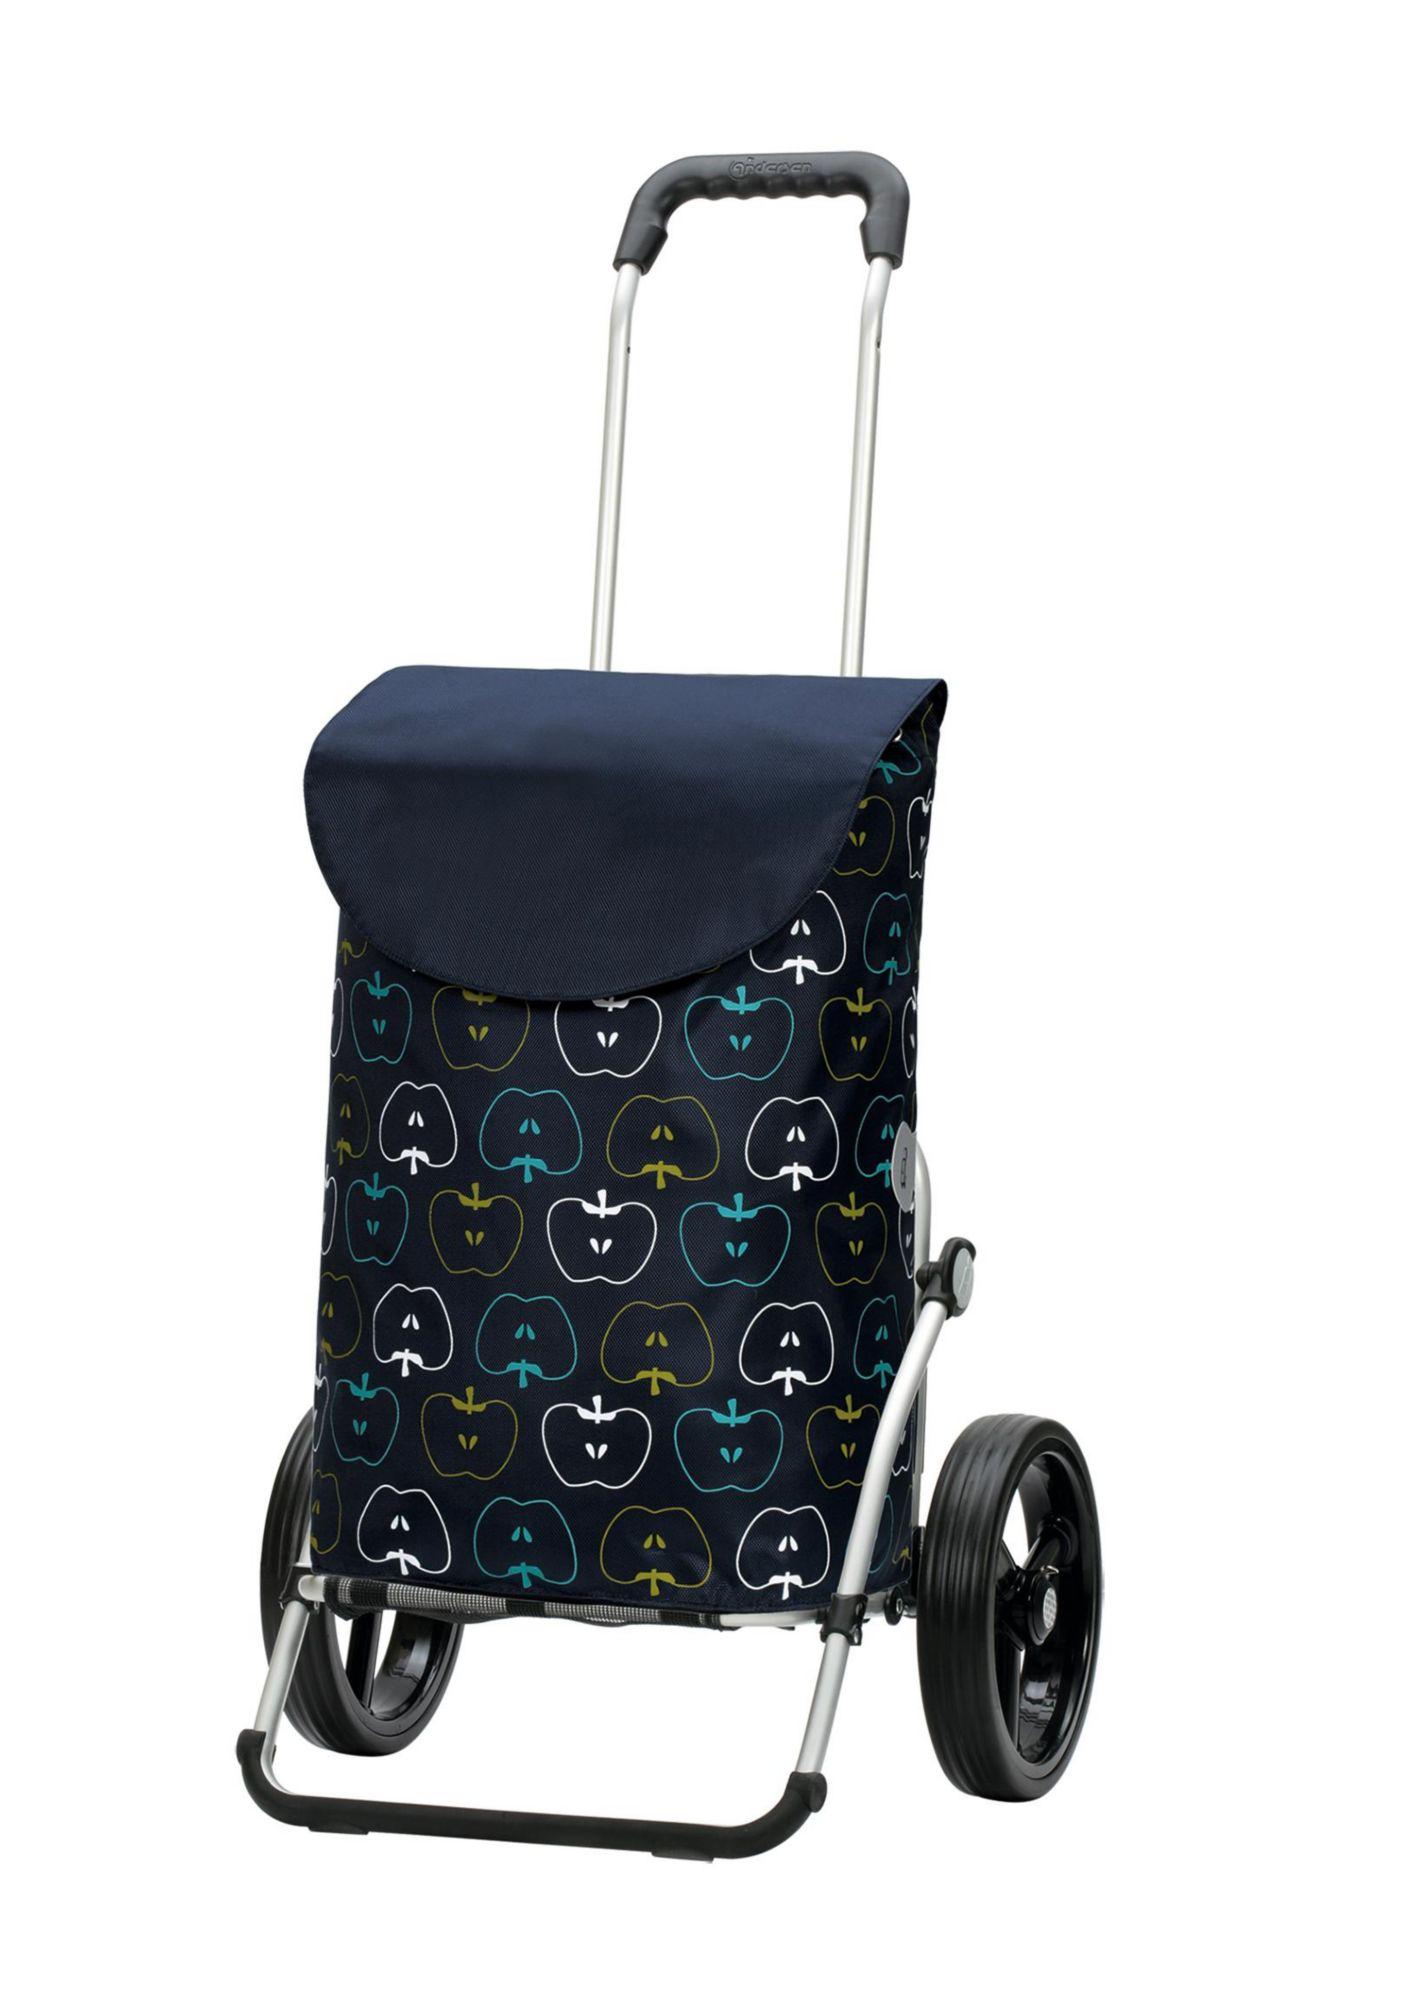 ANDERSEN Andersen Einkaufstrolley »Royal Shopper® Hava« aus wasserabweisendem Nylon